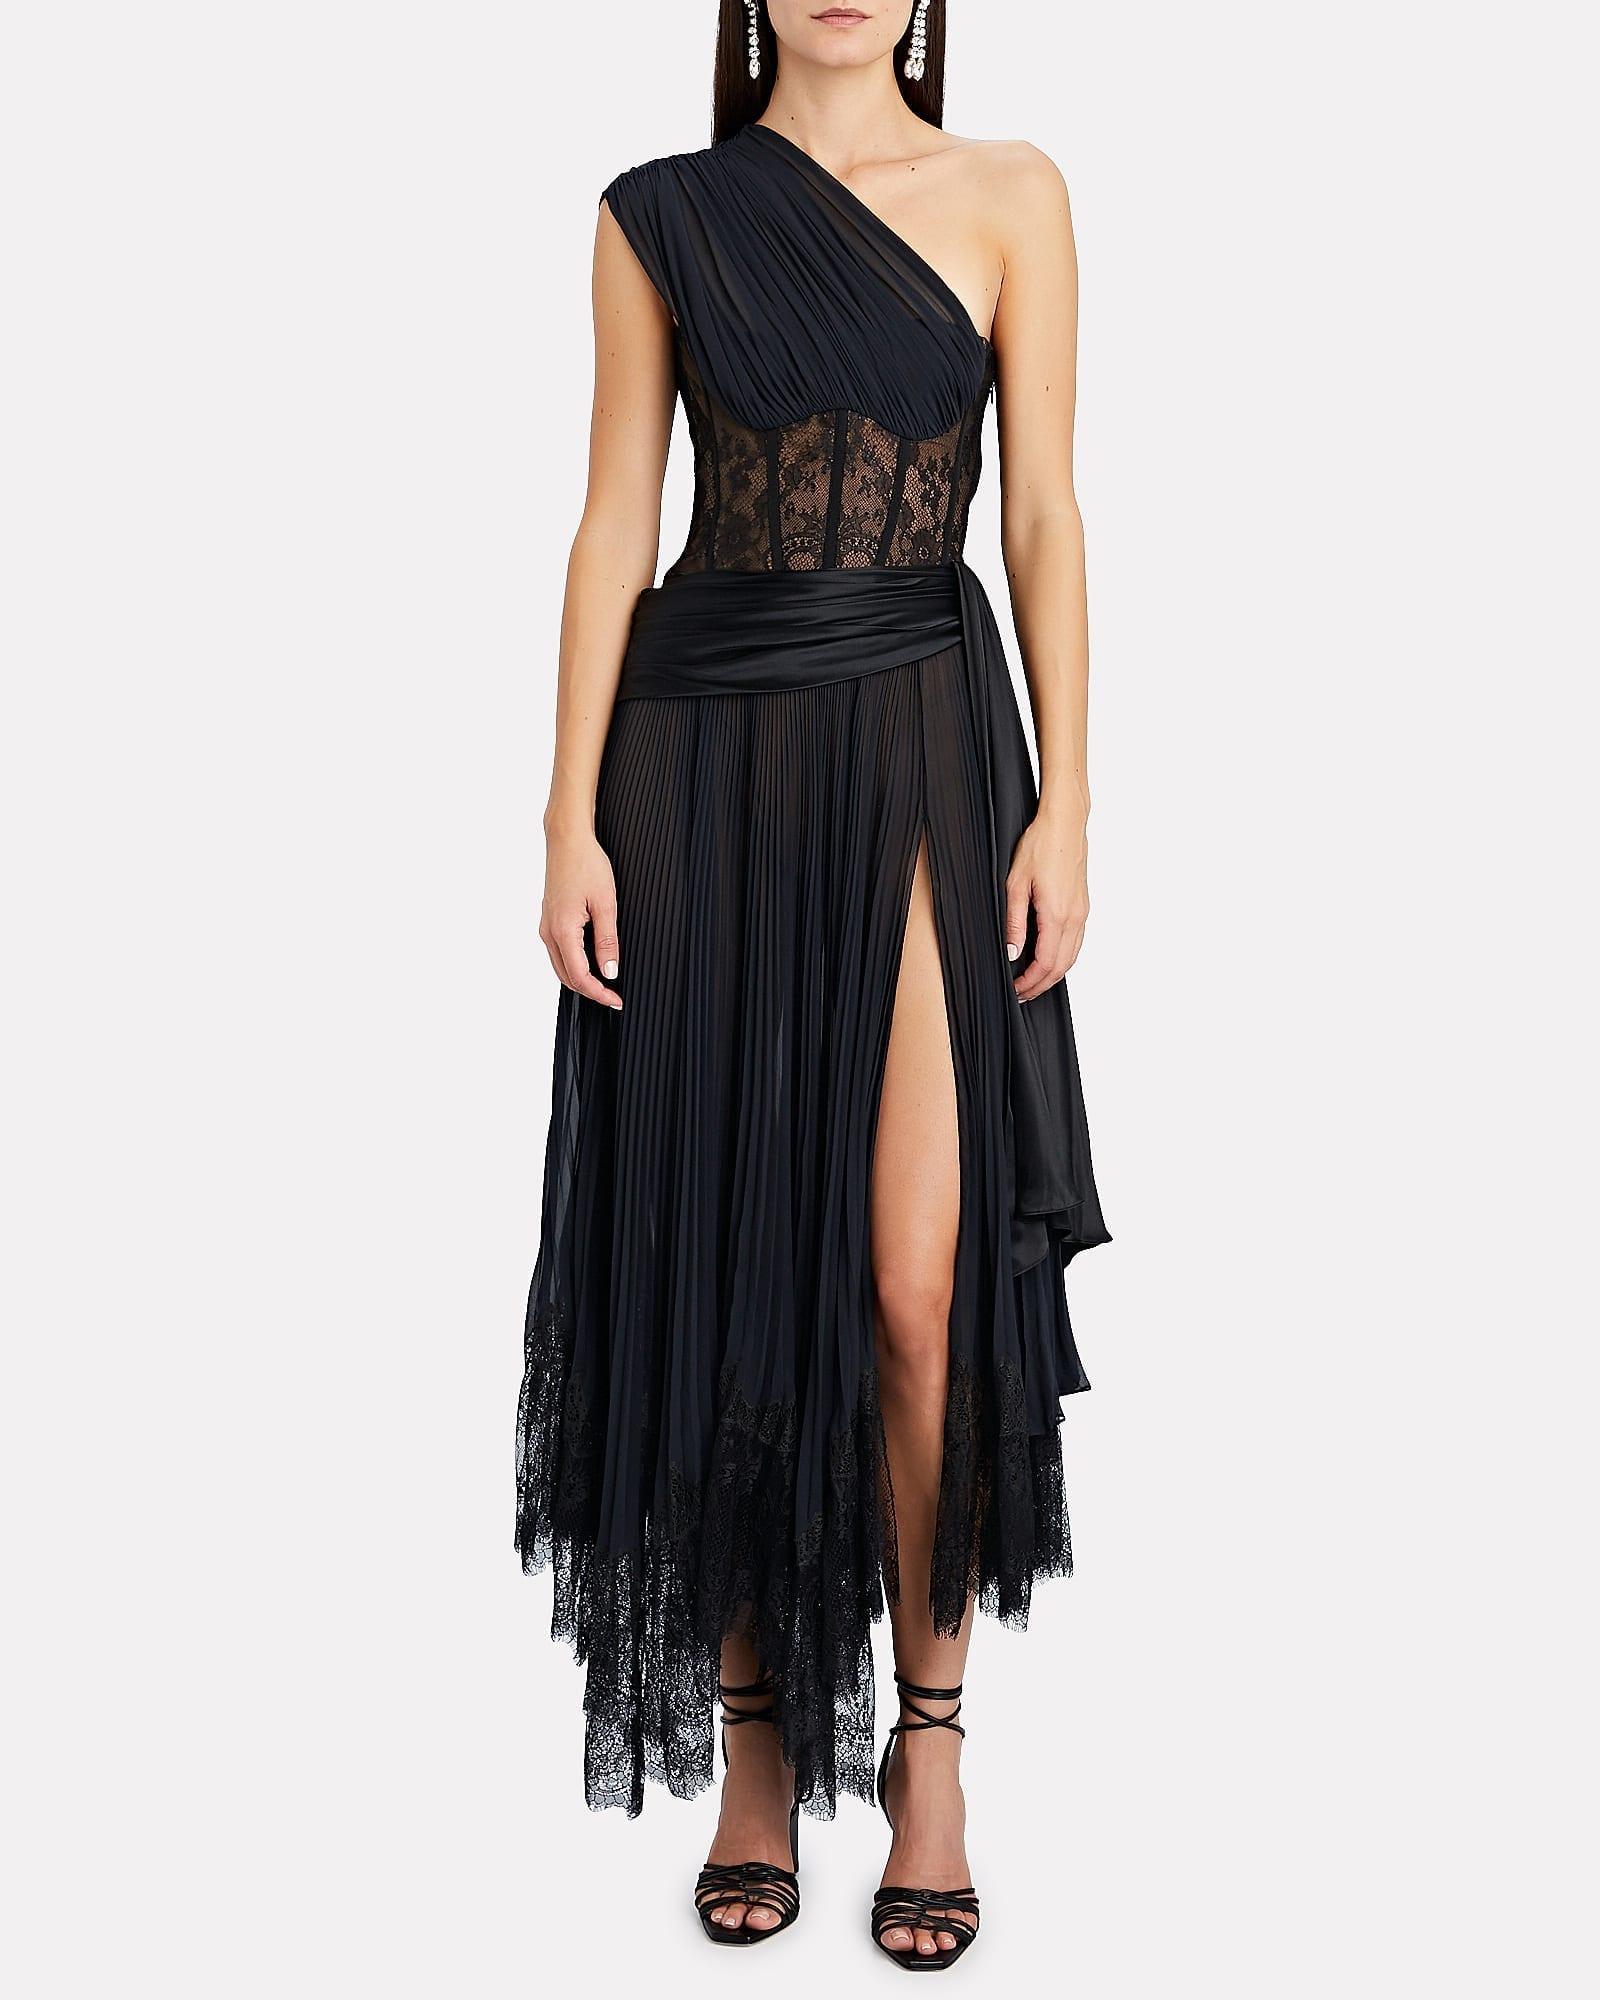 JONATHAN SIMKHAI Maude Lace Midi Dress